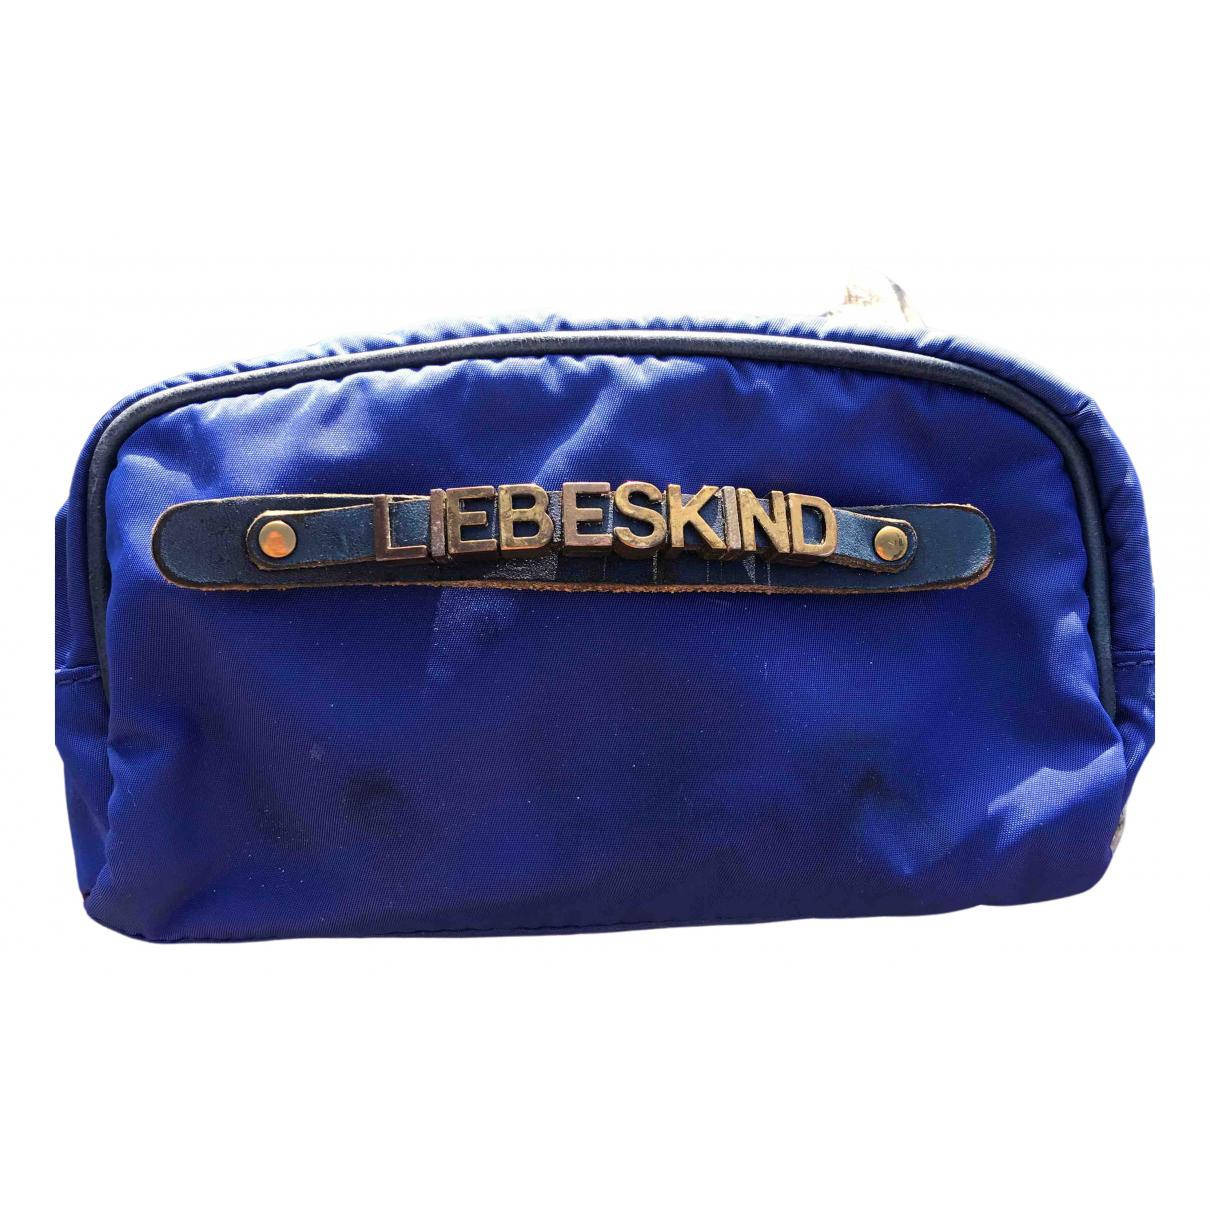 Liebeskind - Petite maroquinerie   pour femme en coton - bleu